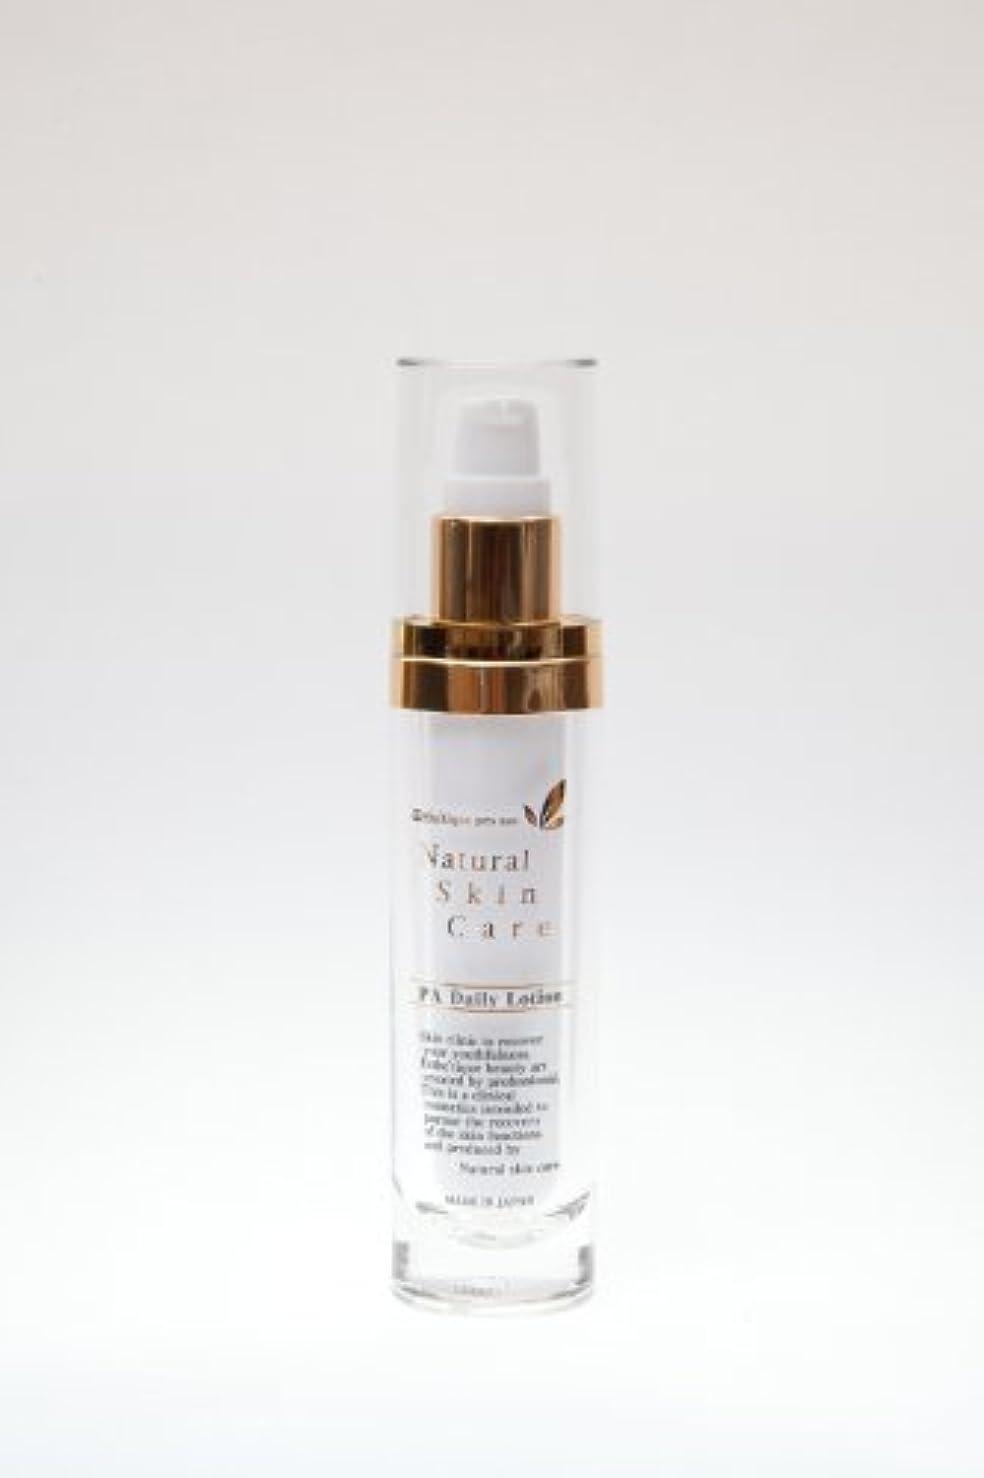 ディスクステンレスミスPA デイリーローション 30ml : EGF フラーレン リピジュア アルジレリン 配合ジェルタイプ収斂化粧水 サロン専売化粧品 R-Cell(リセル)